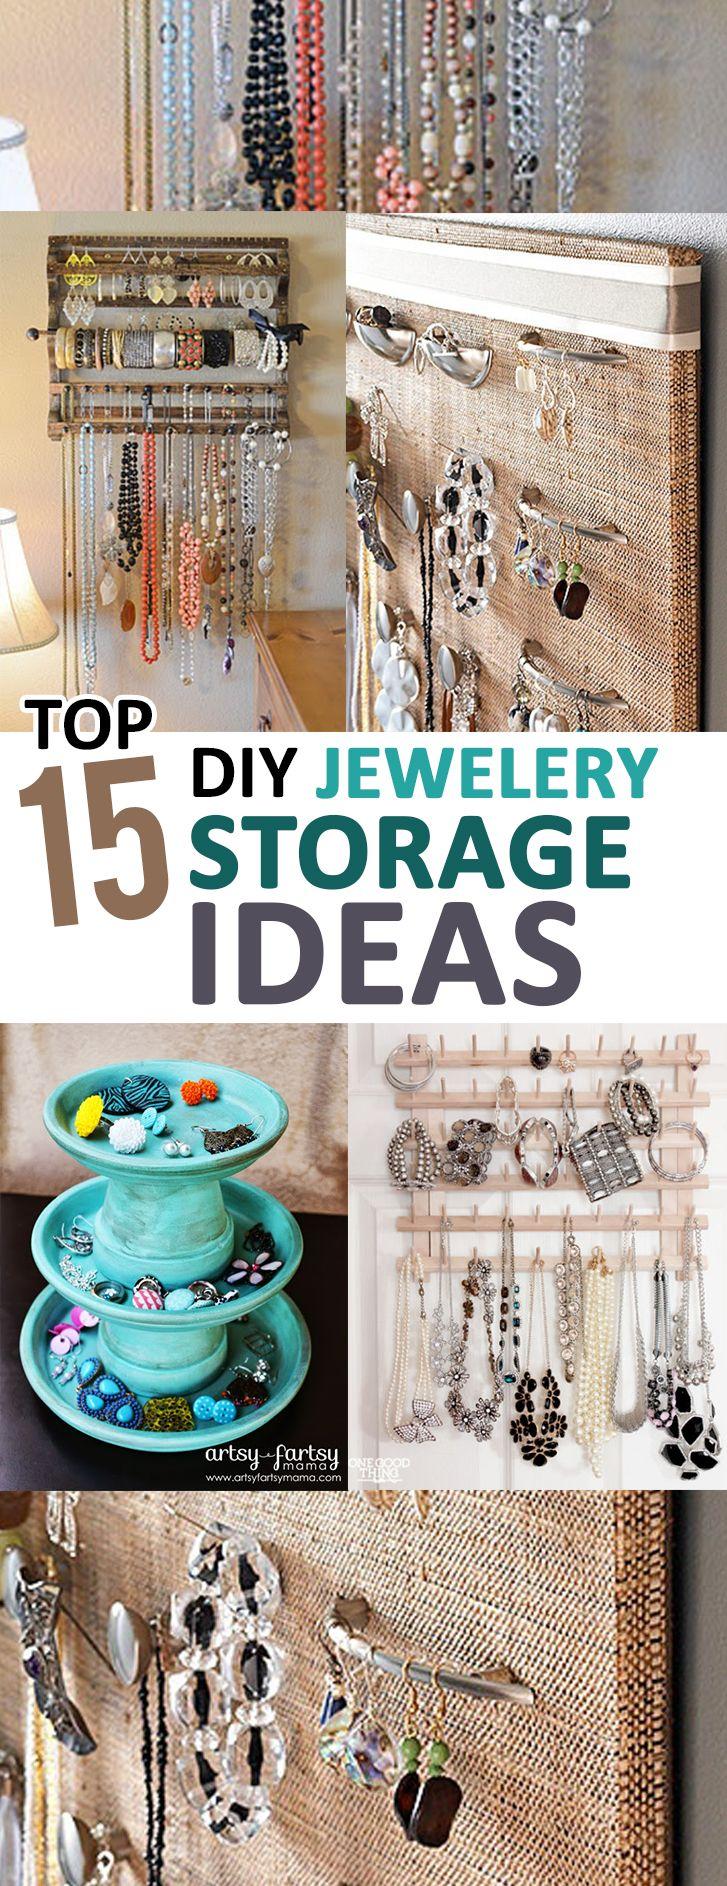 Top 15 Diy Jewelry Storage Ideas Jewelry Organization